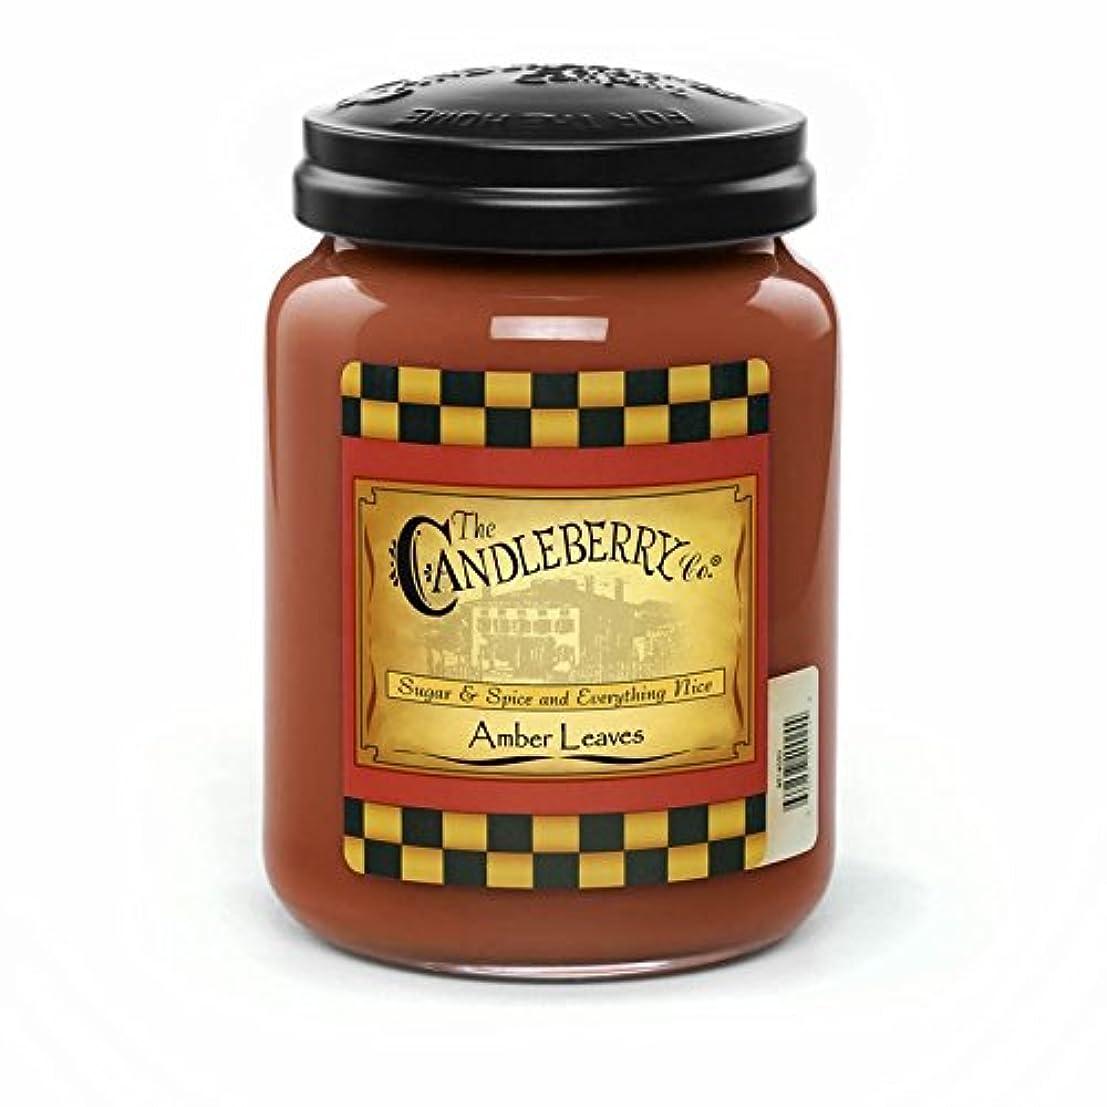 従来の円形の無駄だAmber Leaves 26オンスLarge Jar Candleberry Candle